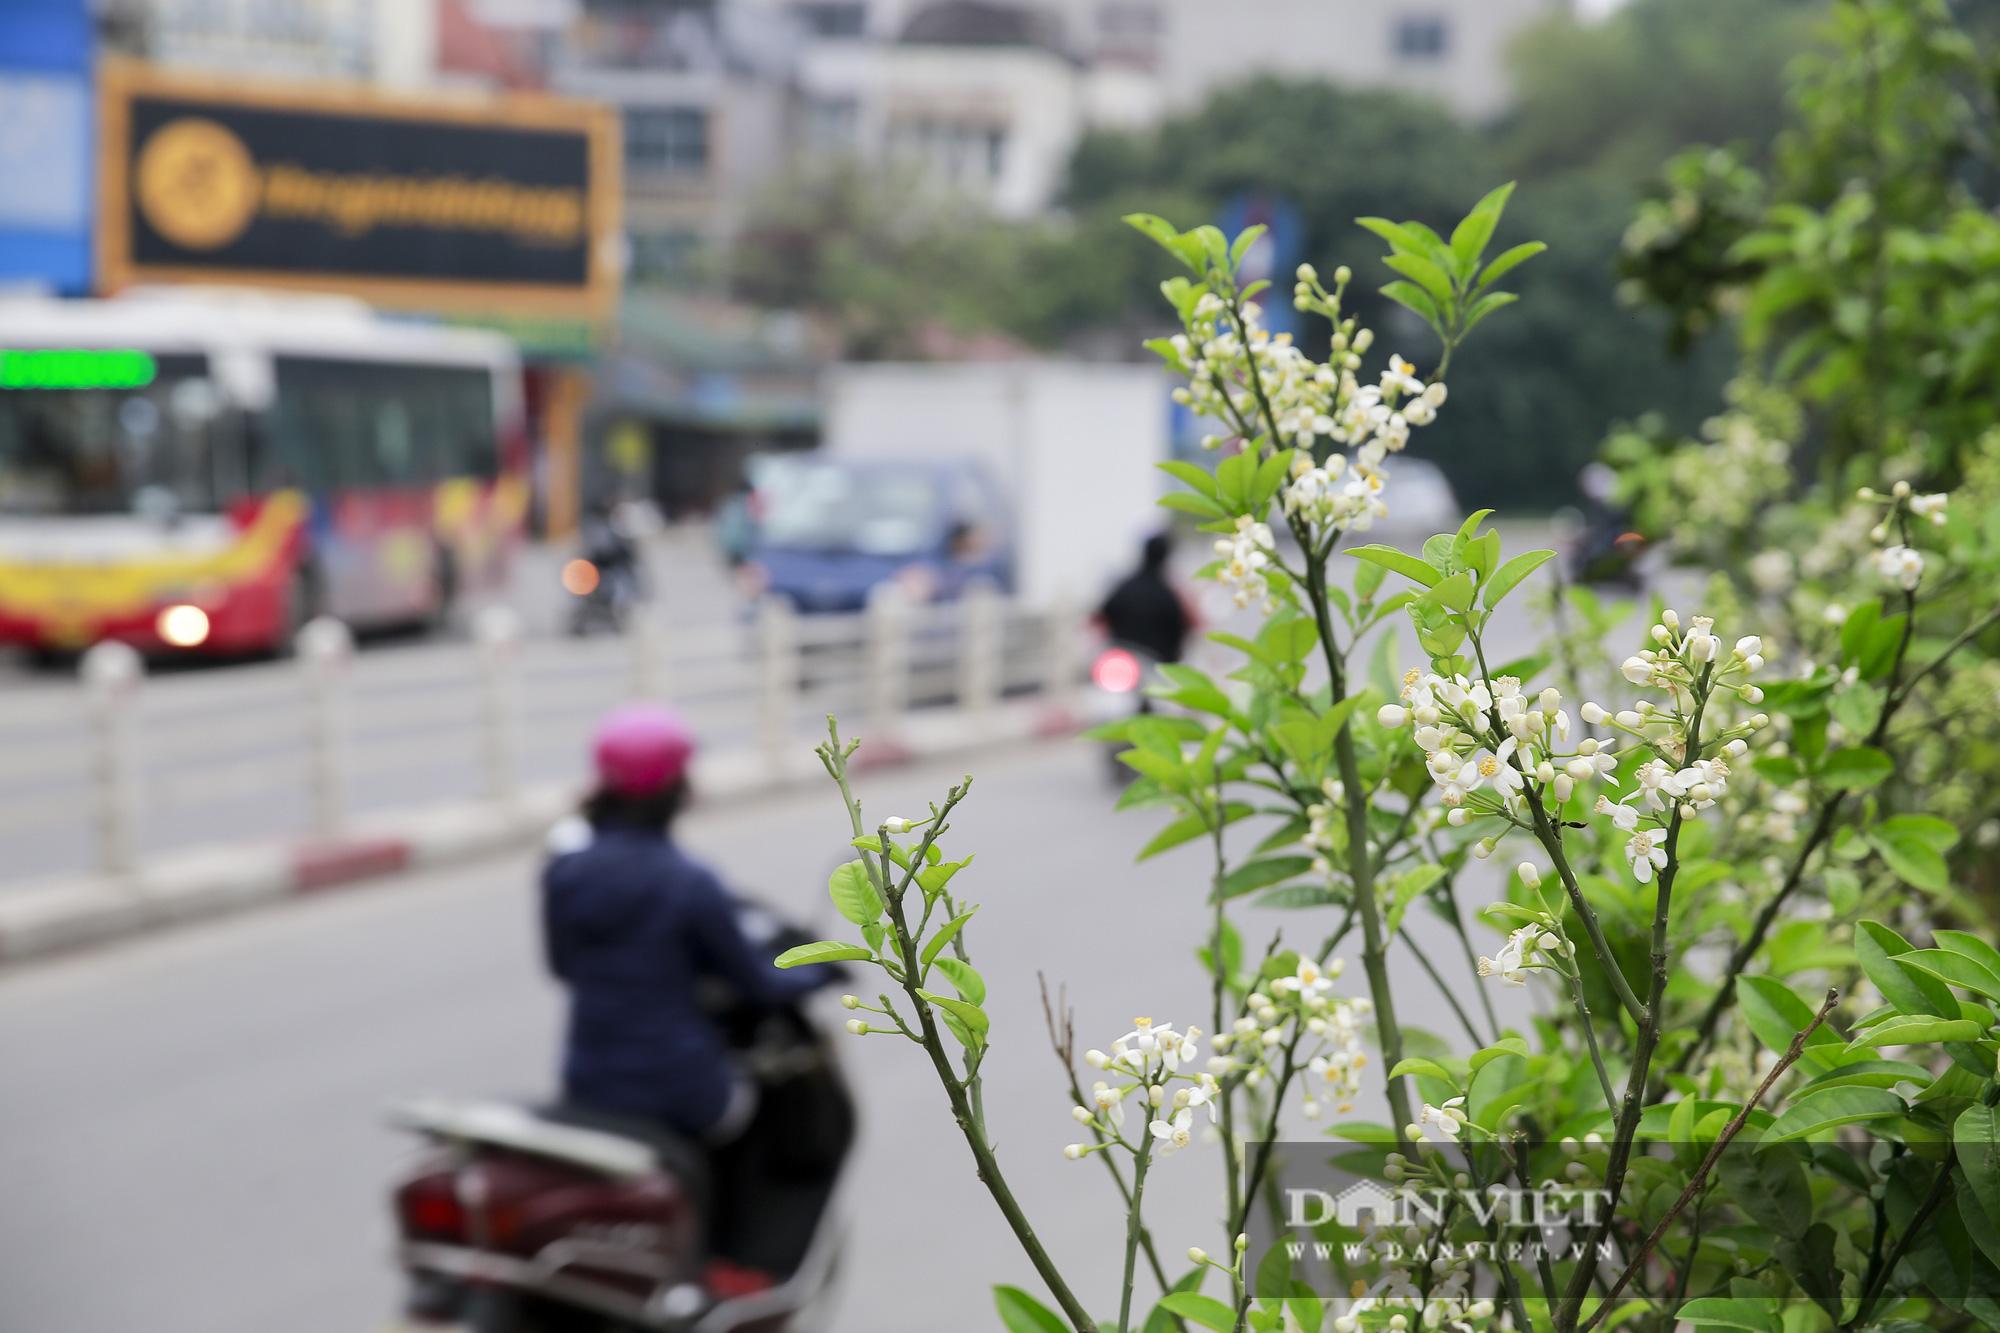 Kỳ lạ thú chơi cây hoa mới của người Hà Nội - Ảnh 10.